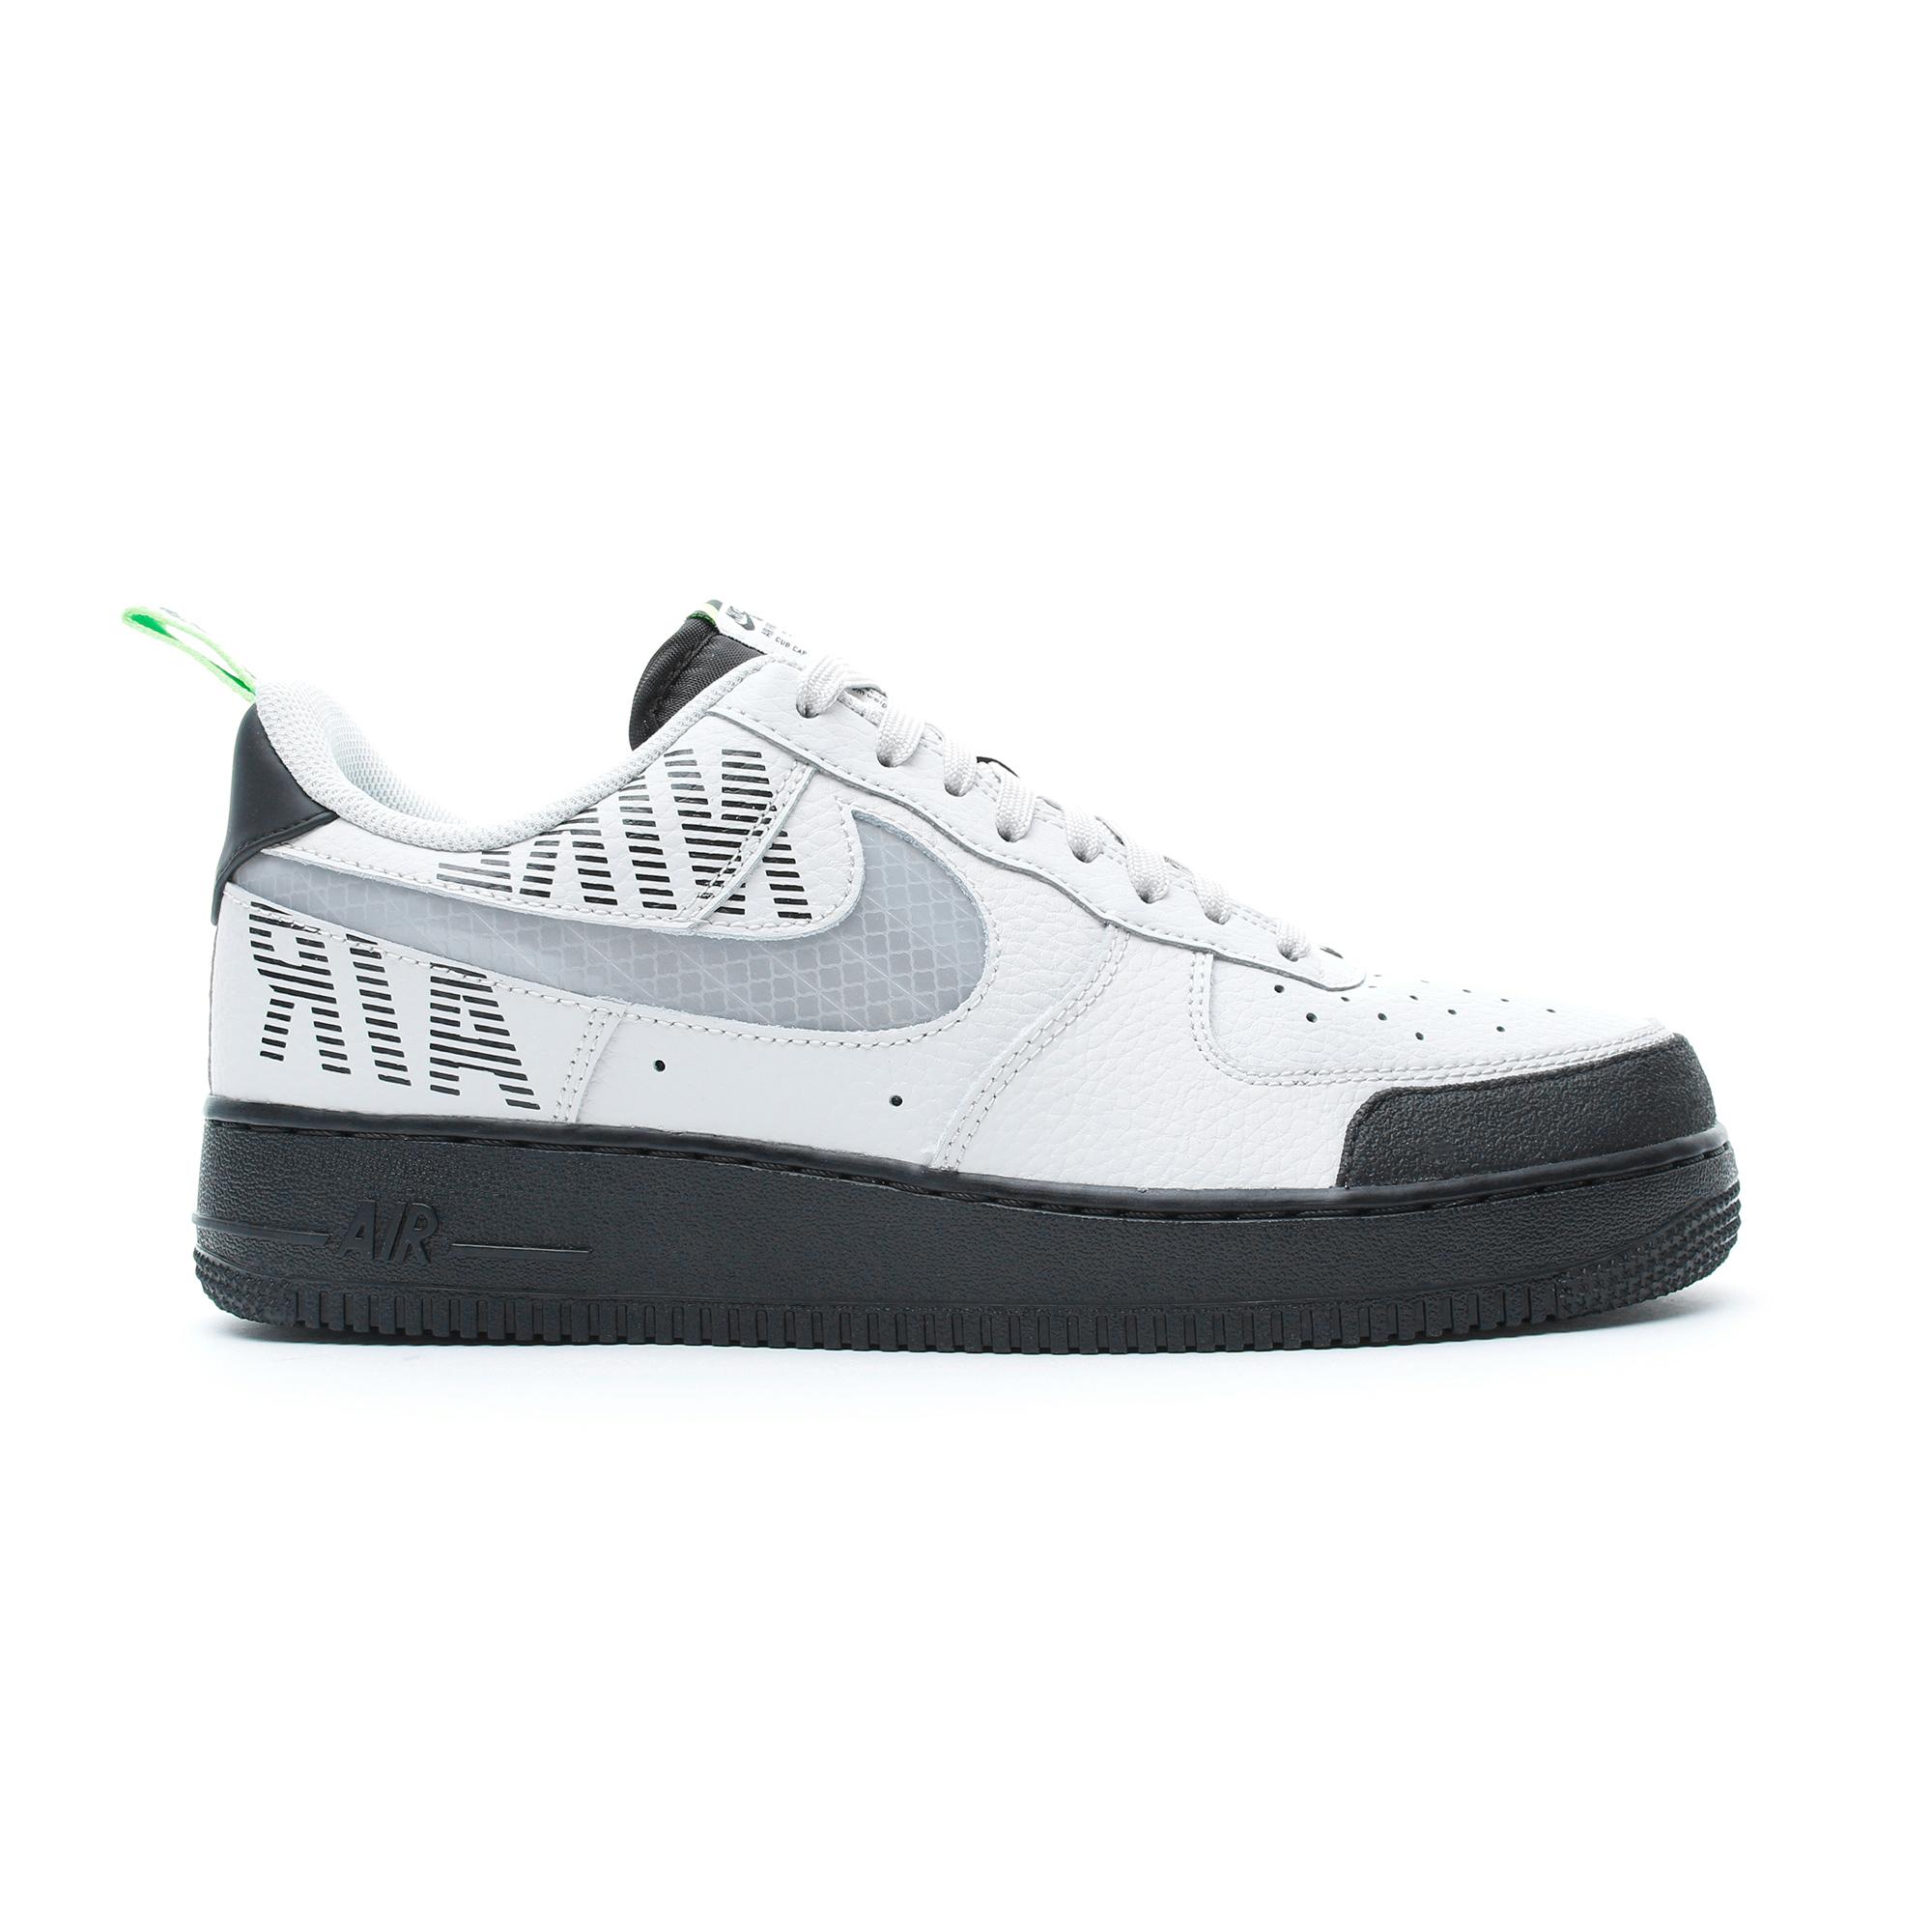 Nike Air Force 1 '07 LV8 2 Beyaz Erkek Spor Ayakkabı